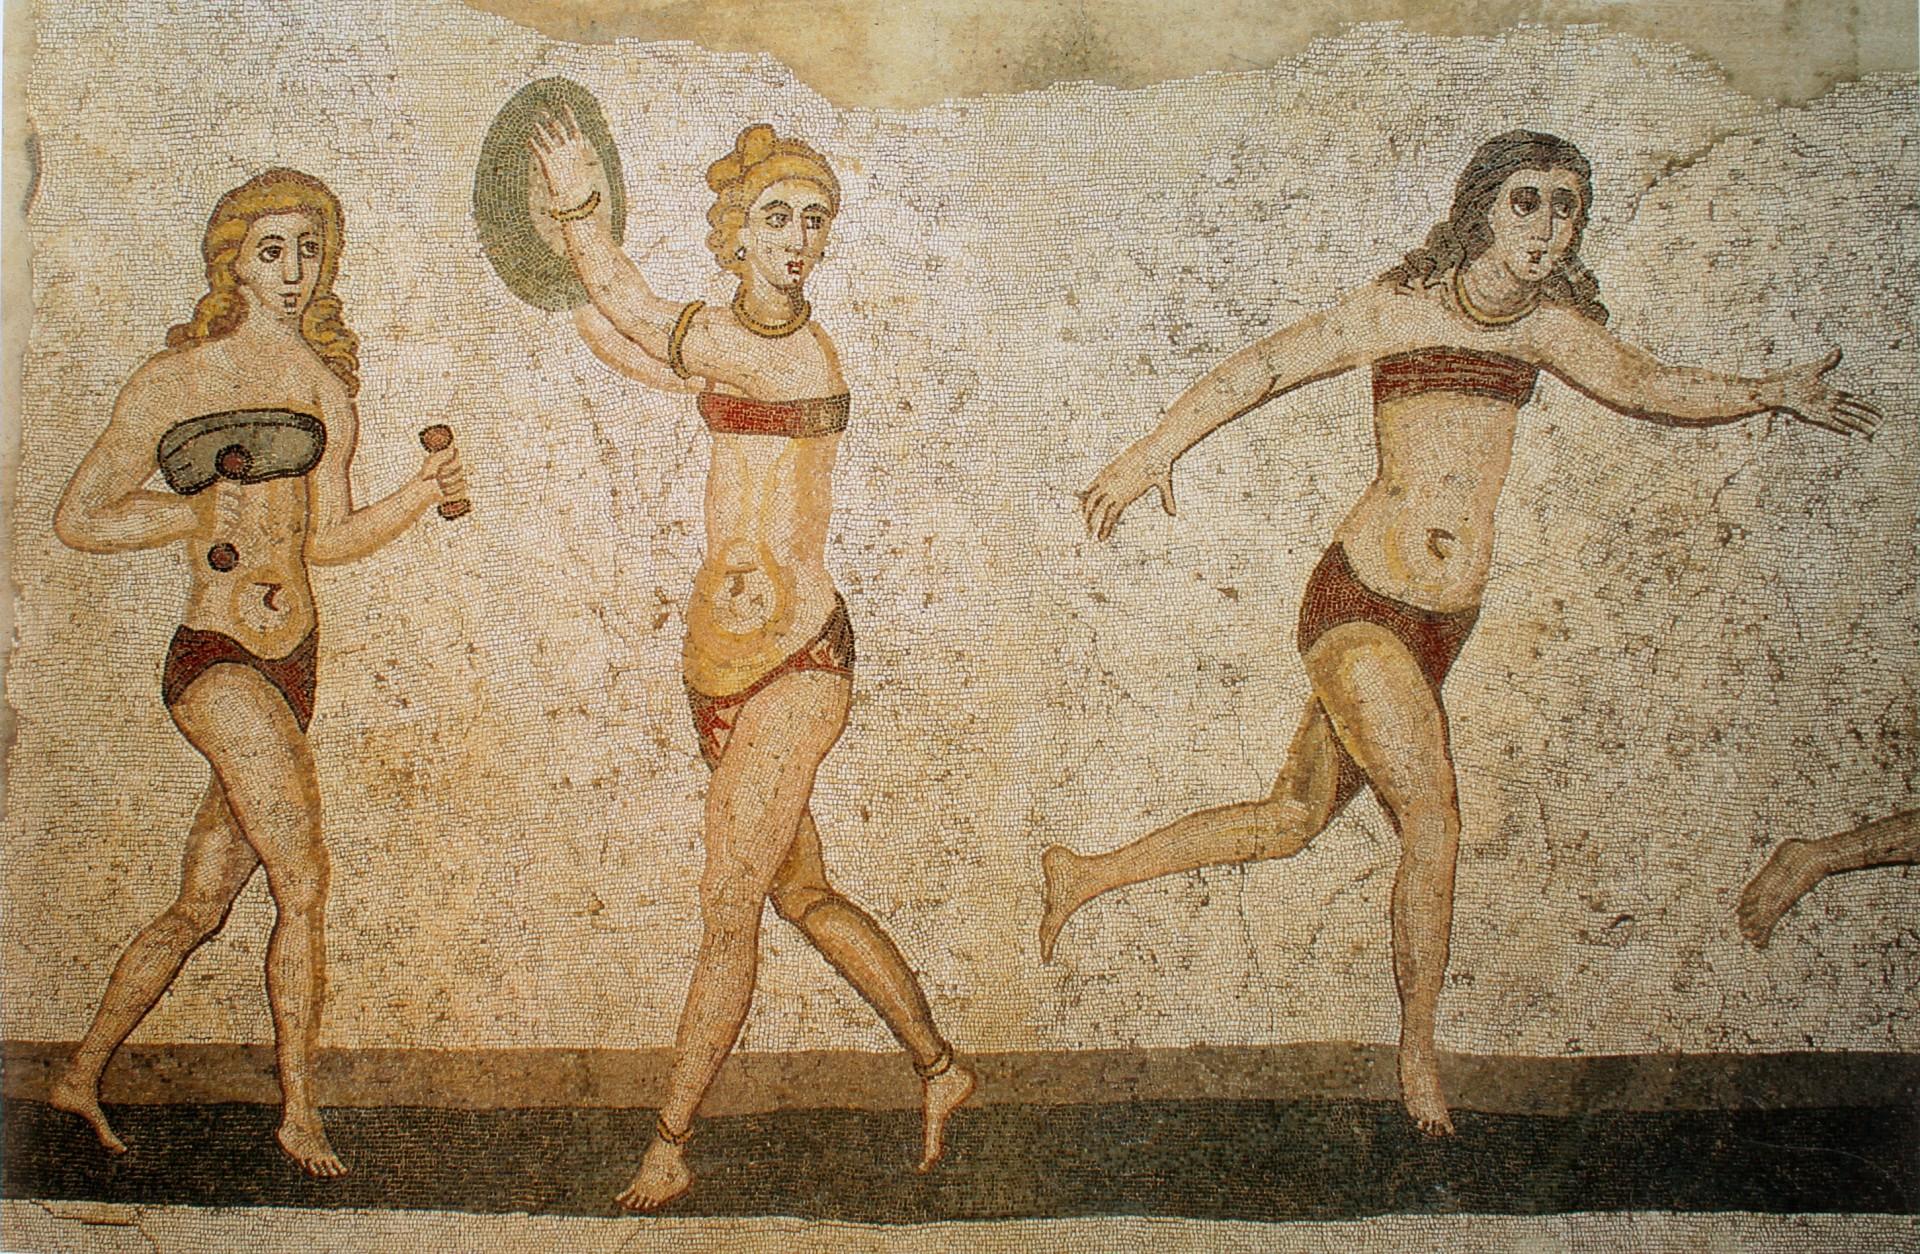 Trajes de duas peças - Atletas femininas demonstradas competindo em vários esportes (Foto: Domínio Público)